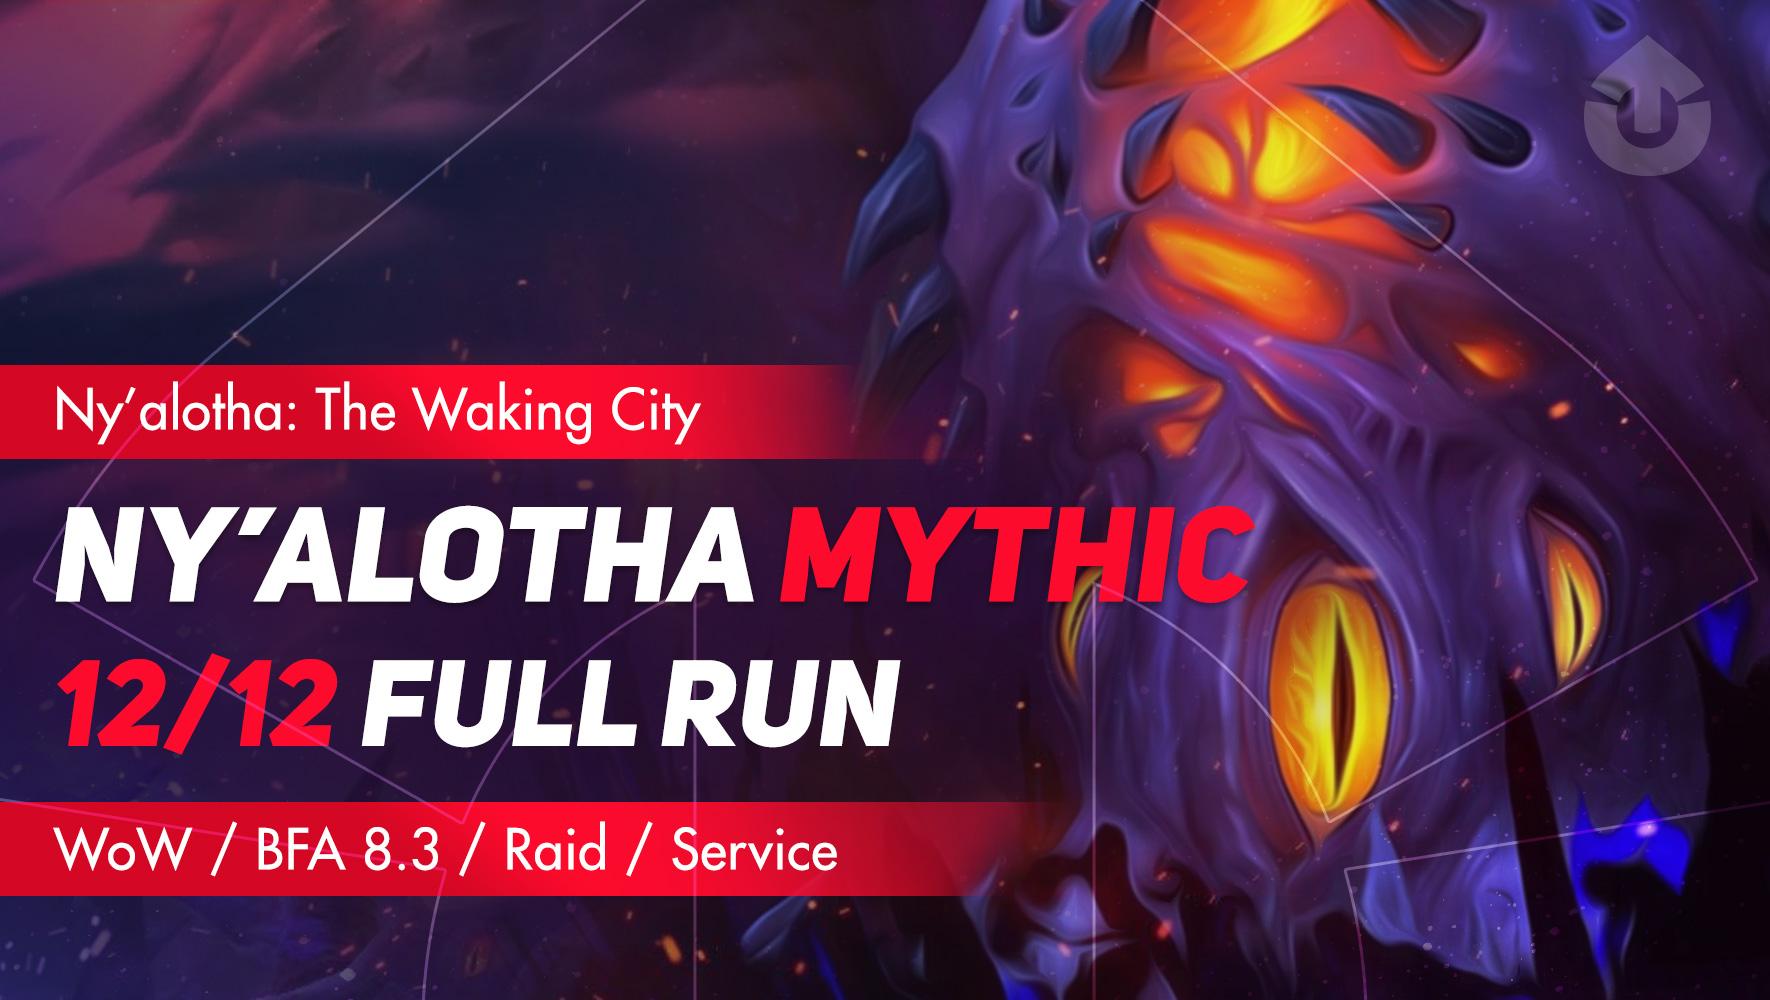 Ny'alotha The Waking Sity Mythic run | GBD - e2p.com